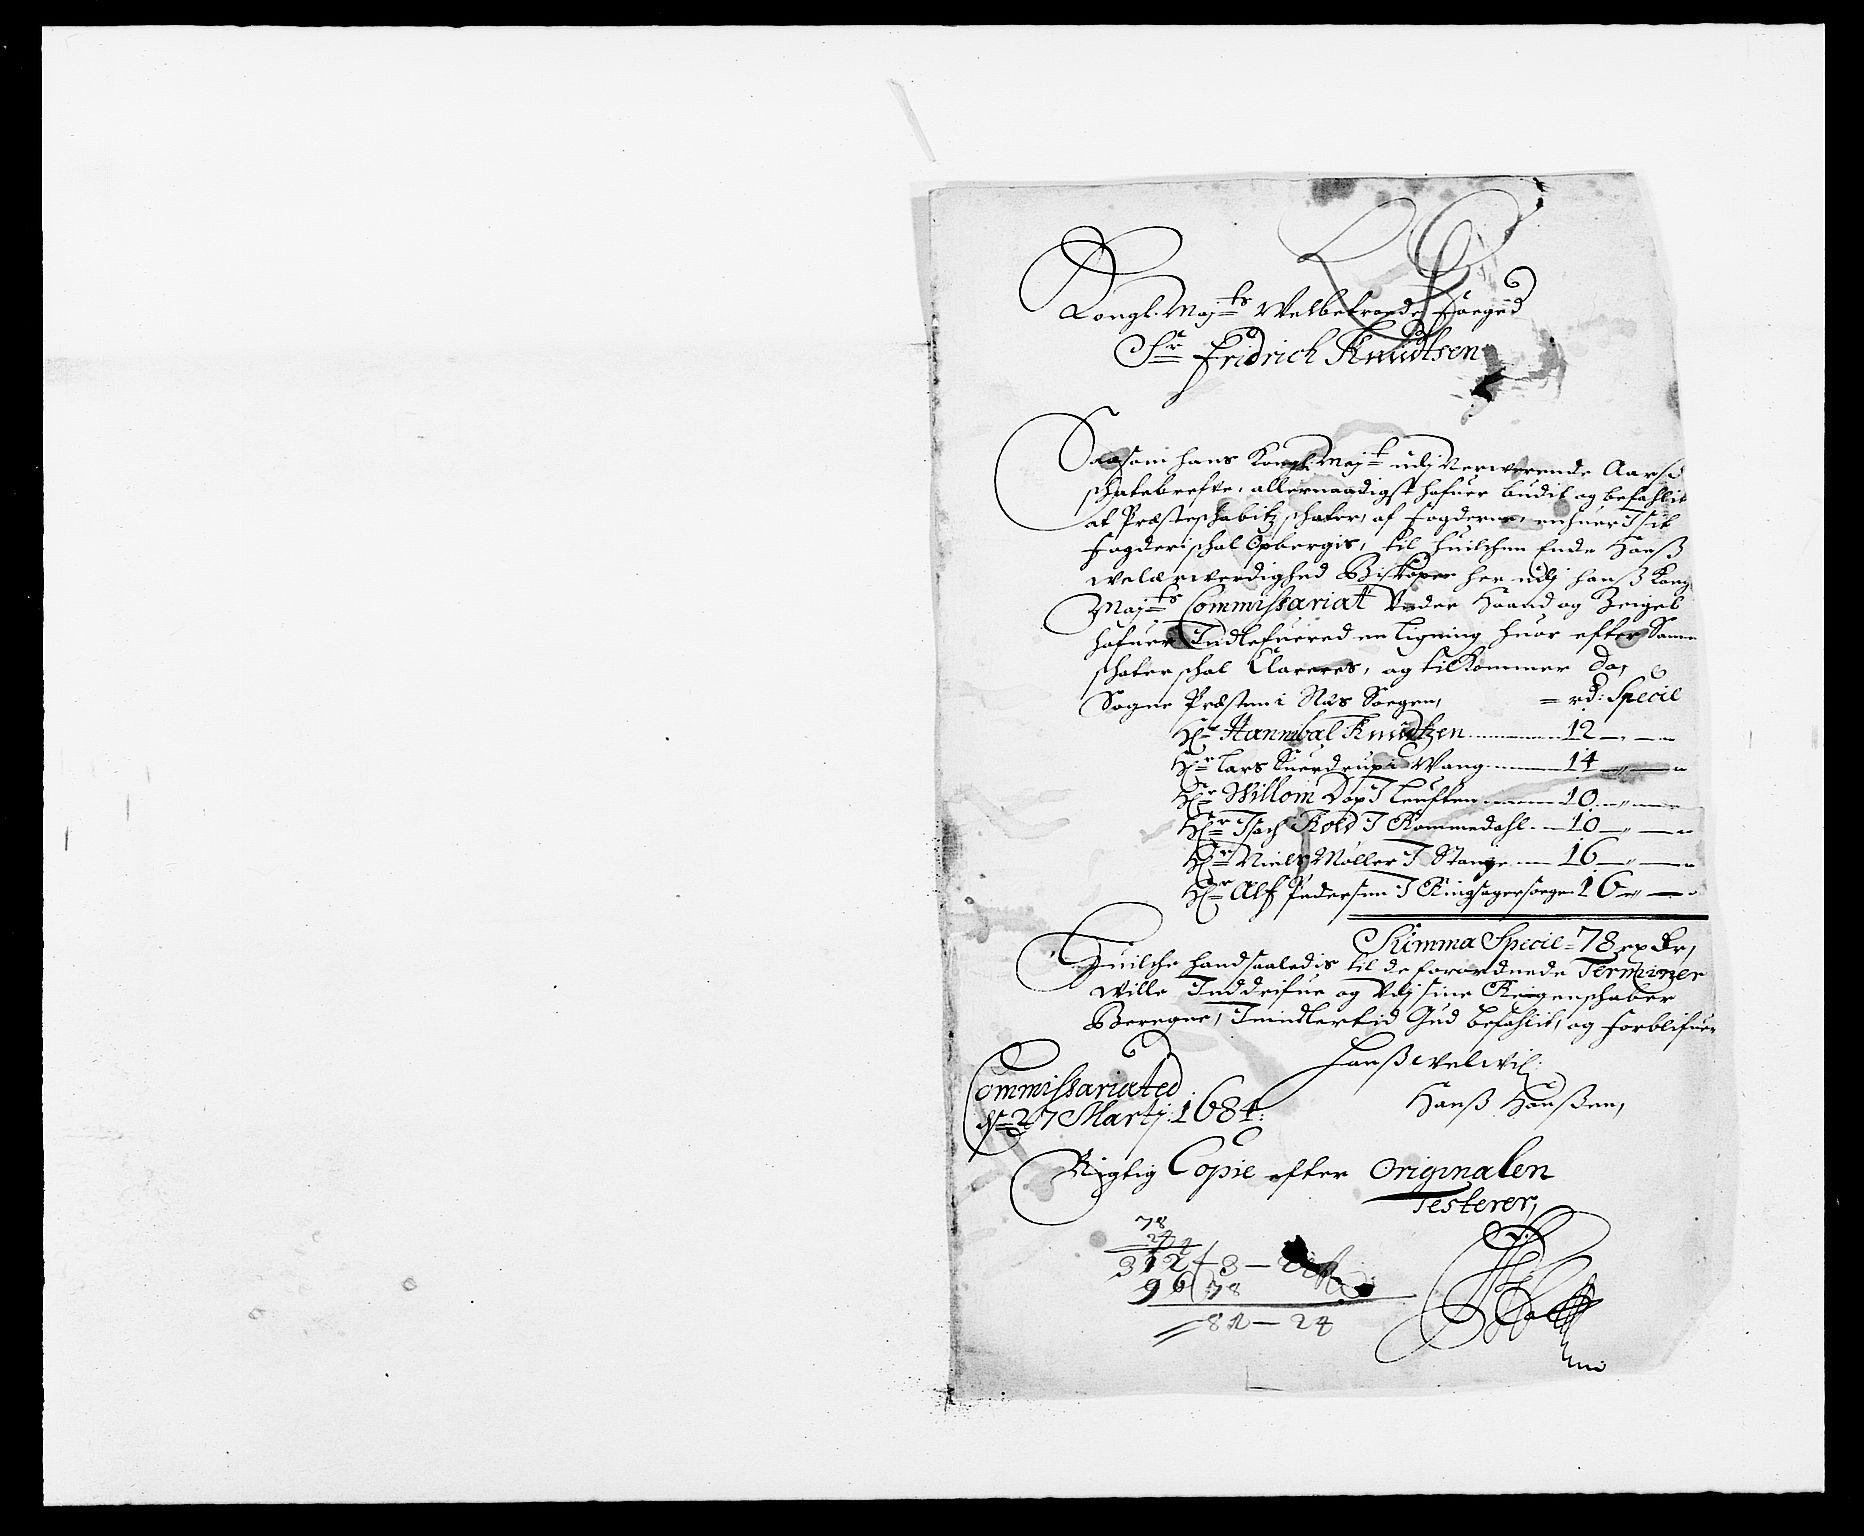 RA, Rentekammeret inntil 1814, Reviderte regnskaper, Fogderegnskap, R16/L1025: Fogderegnskap Hedmark, 1684, s. 343